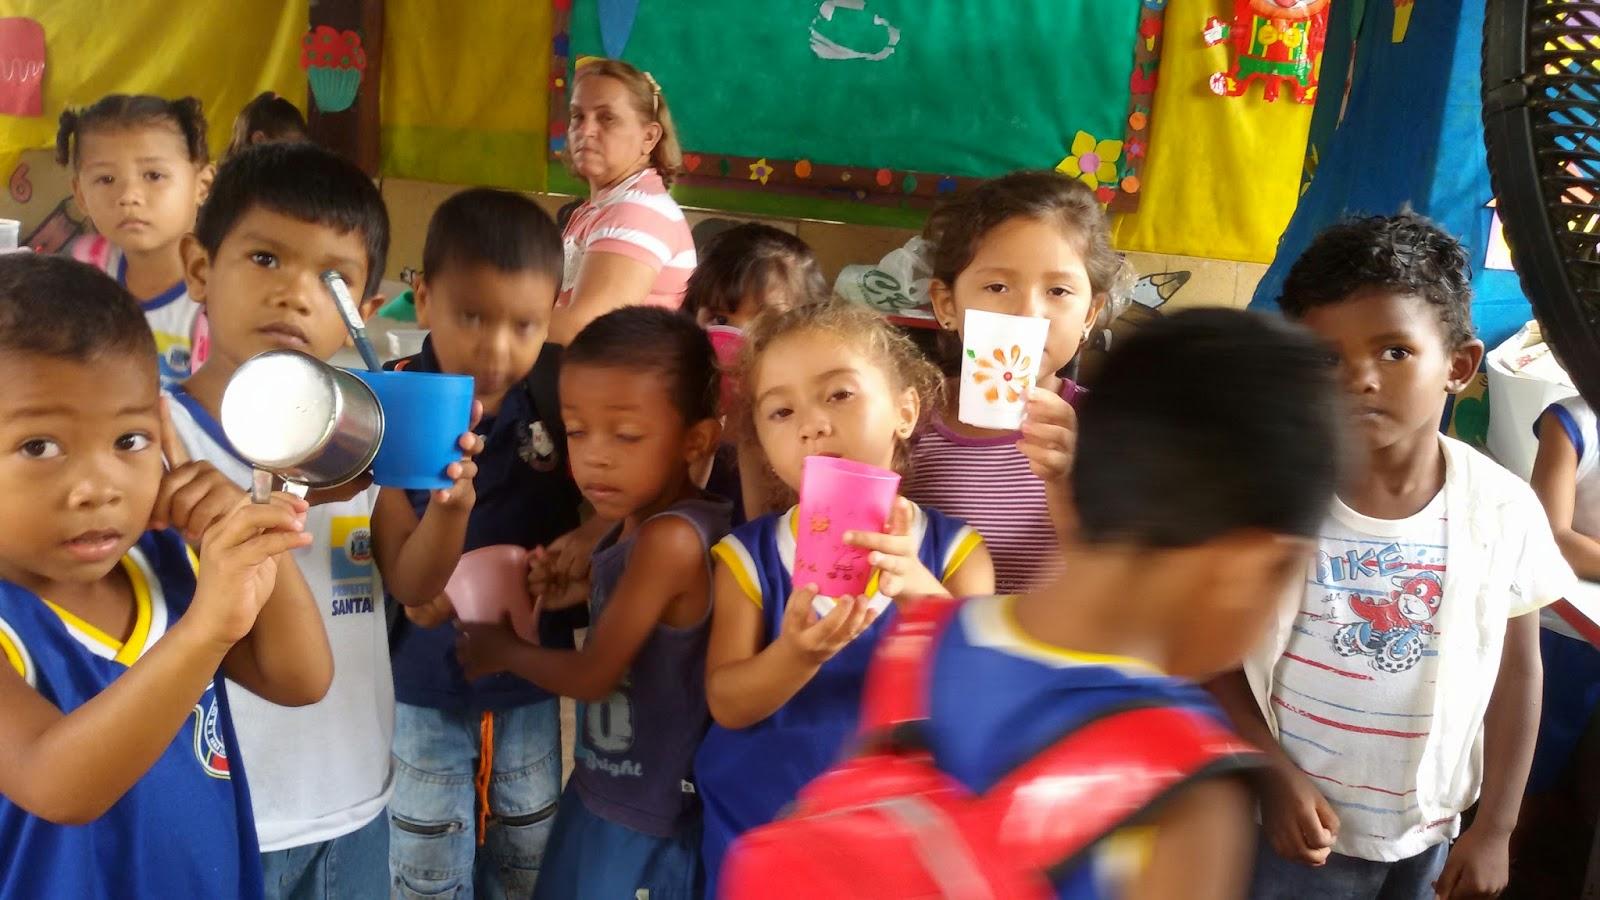 Escola Municipal Irmã Leodgard Gausepohl Produções: ESCOLA IRMÃ LEODGARD EDUCANDO PARA A VIDA! : Março 2015